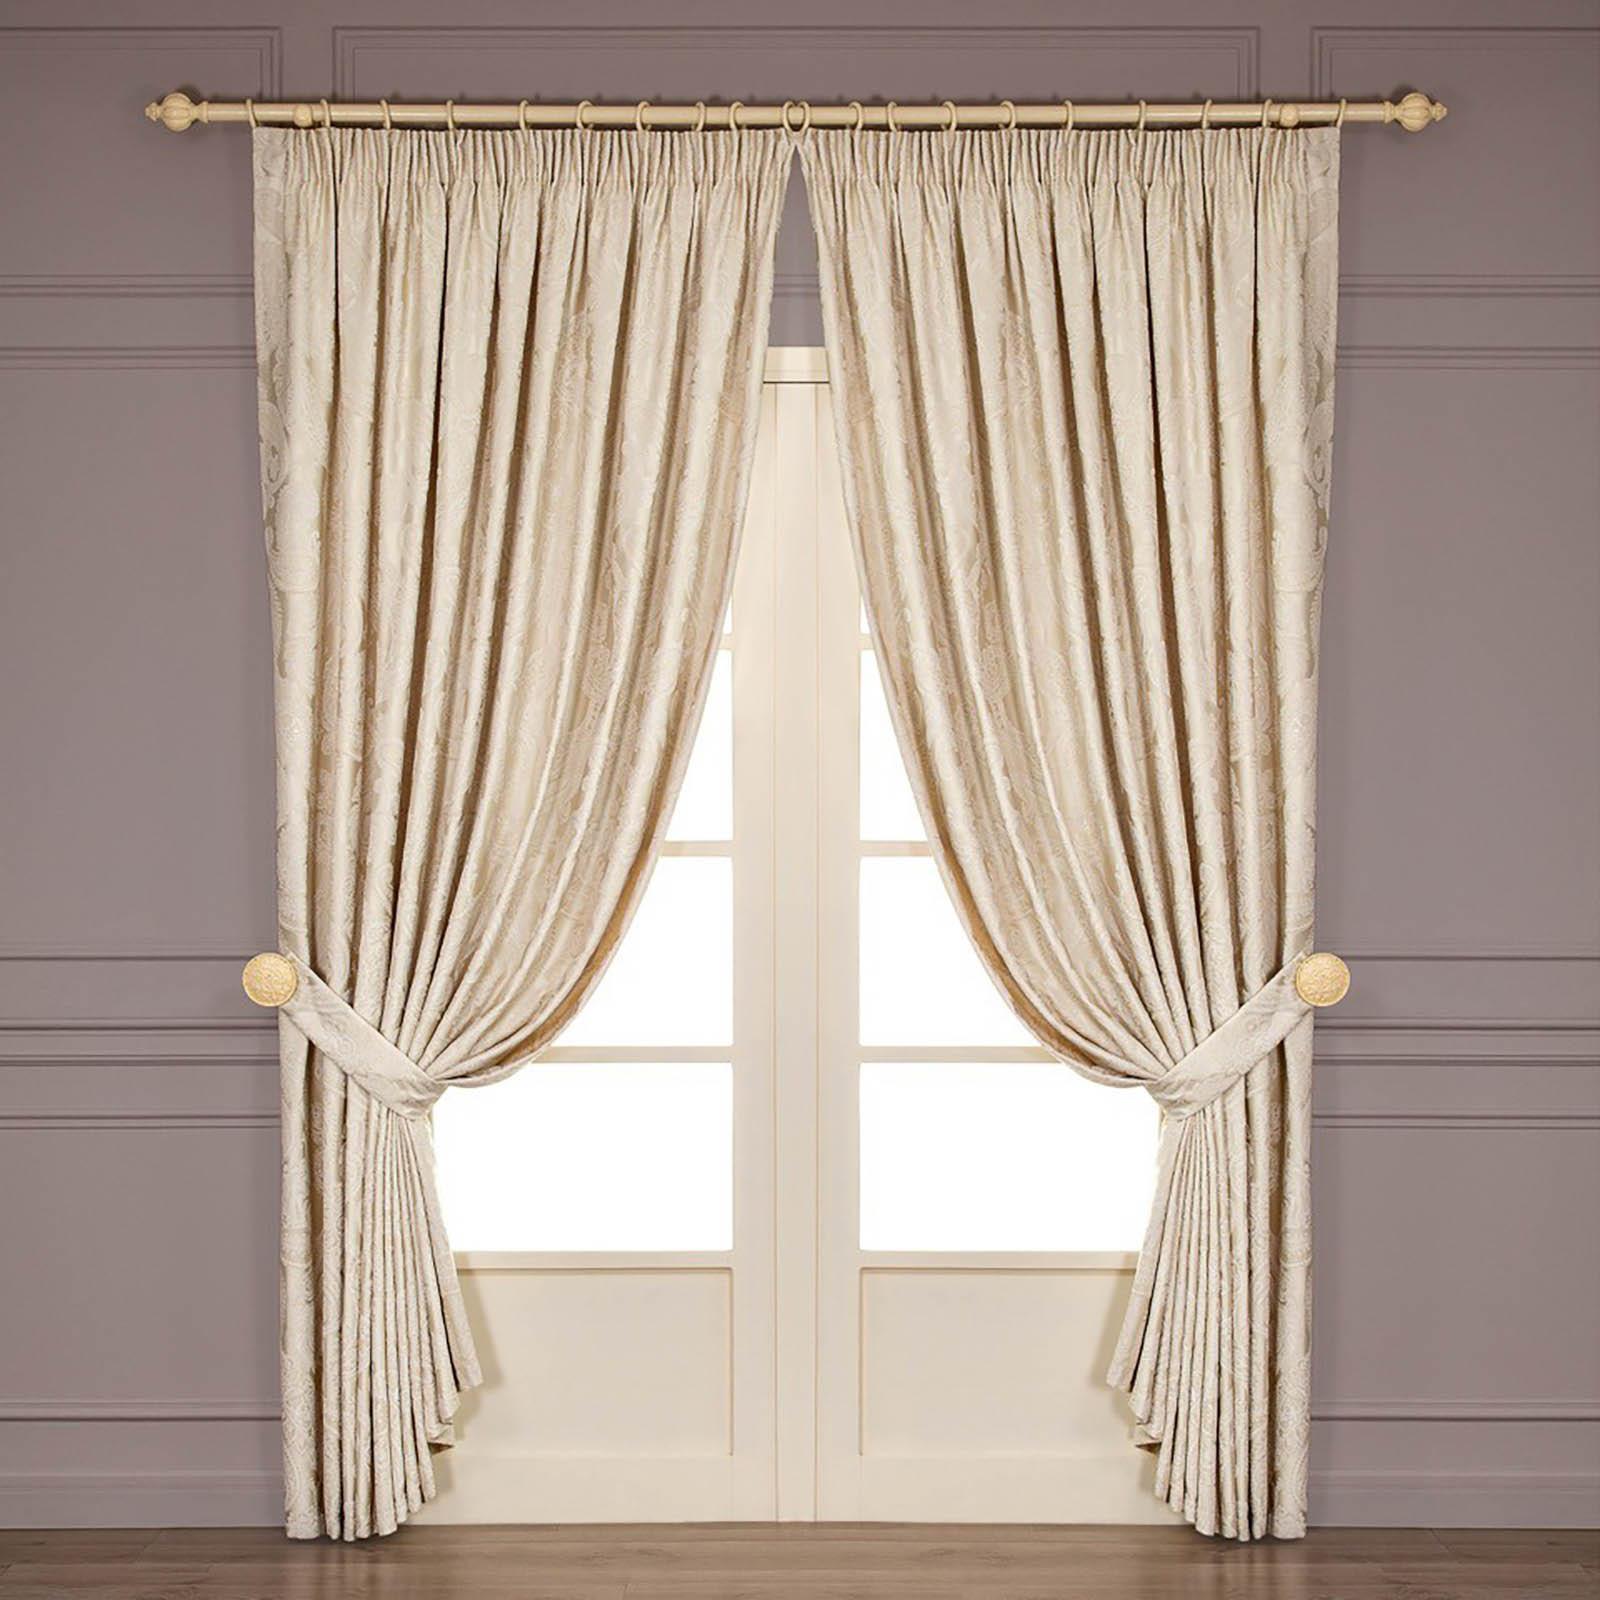 Шторы Togas Классические шторы Катрин Цвет: Экрю шторы tac классические шторы winx цвет персиковый 200x265 см